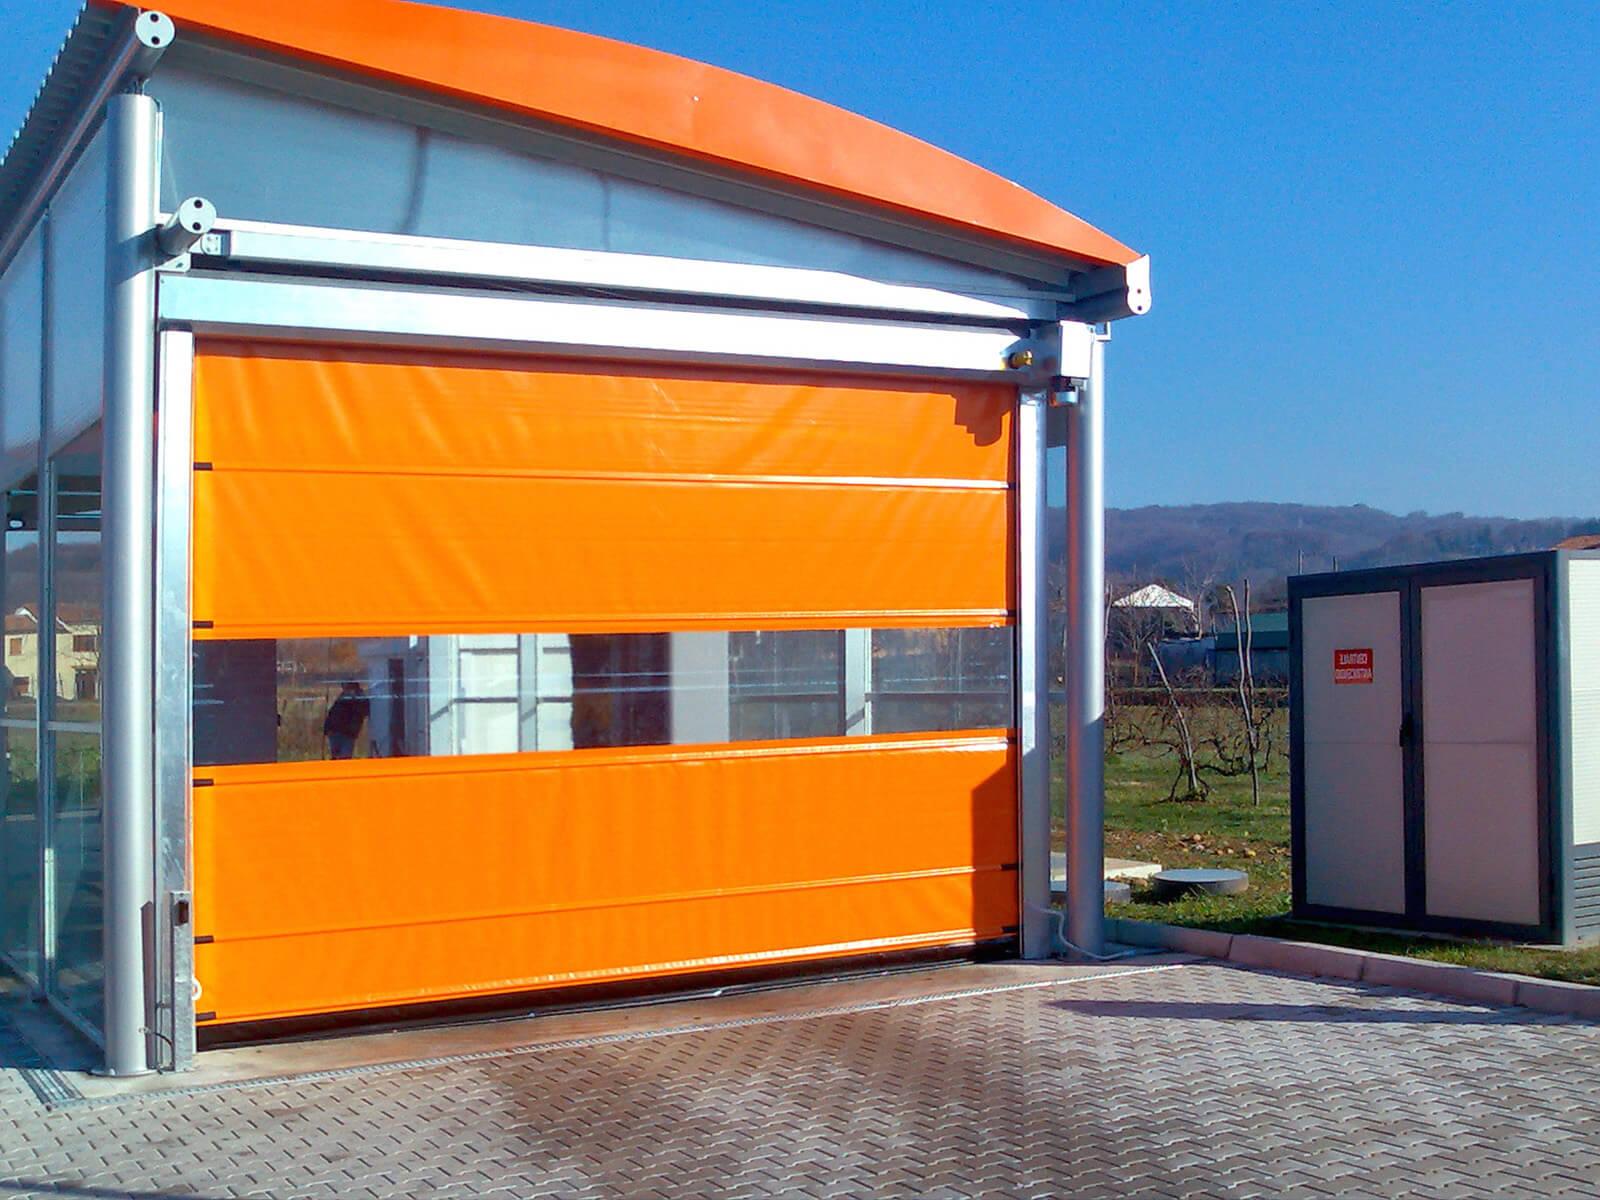 Porta rapida ad avvolgimento SAETTA - Arancio RAL 2004